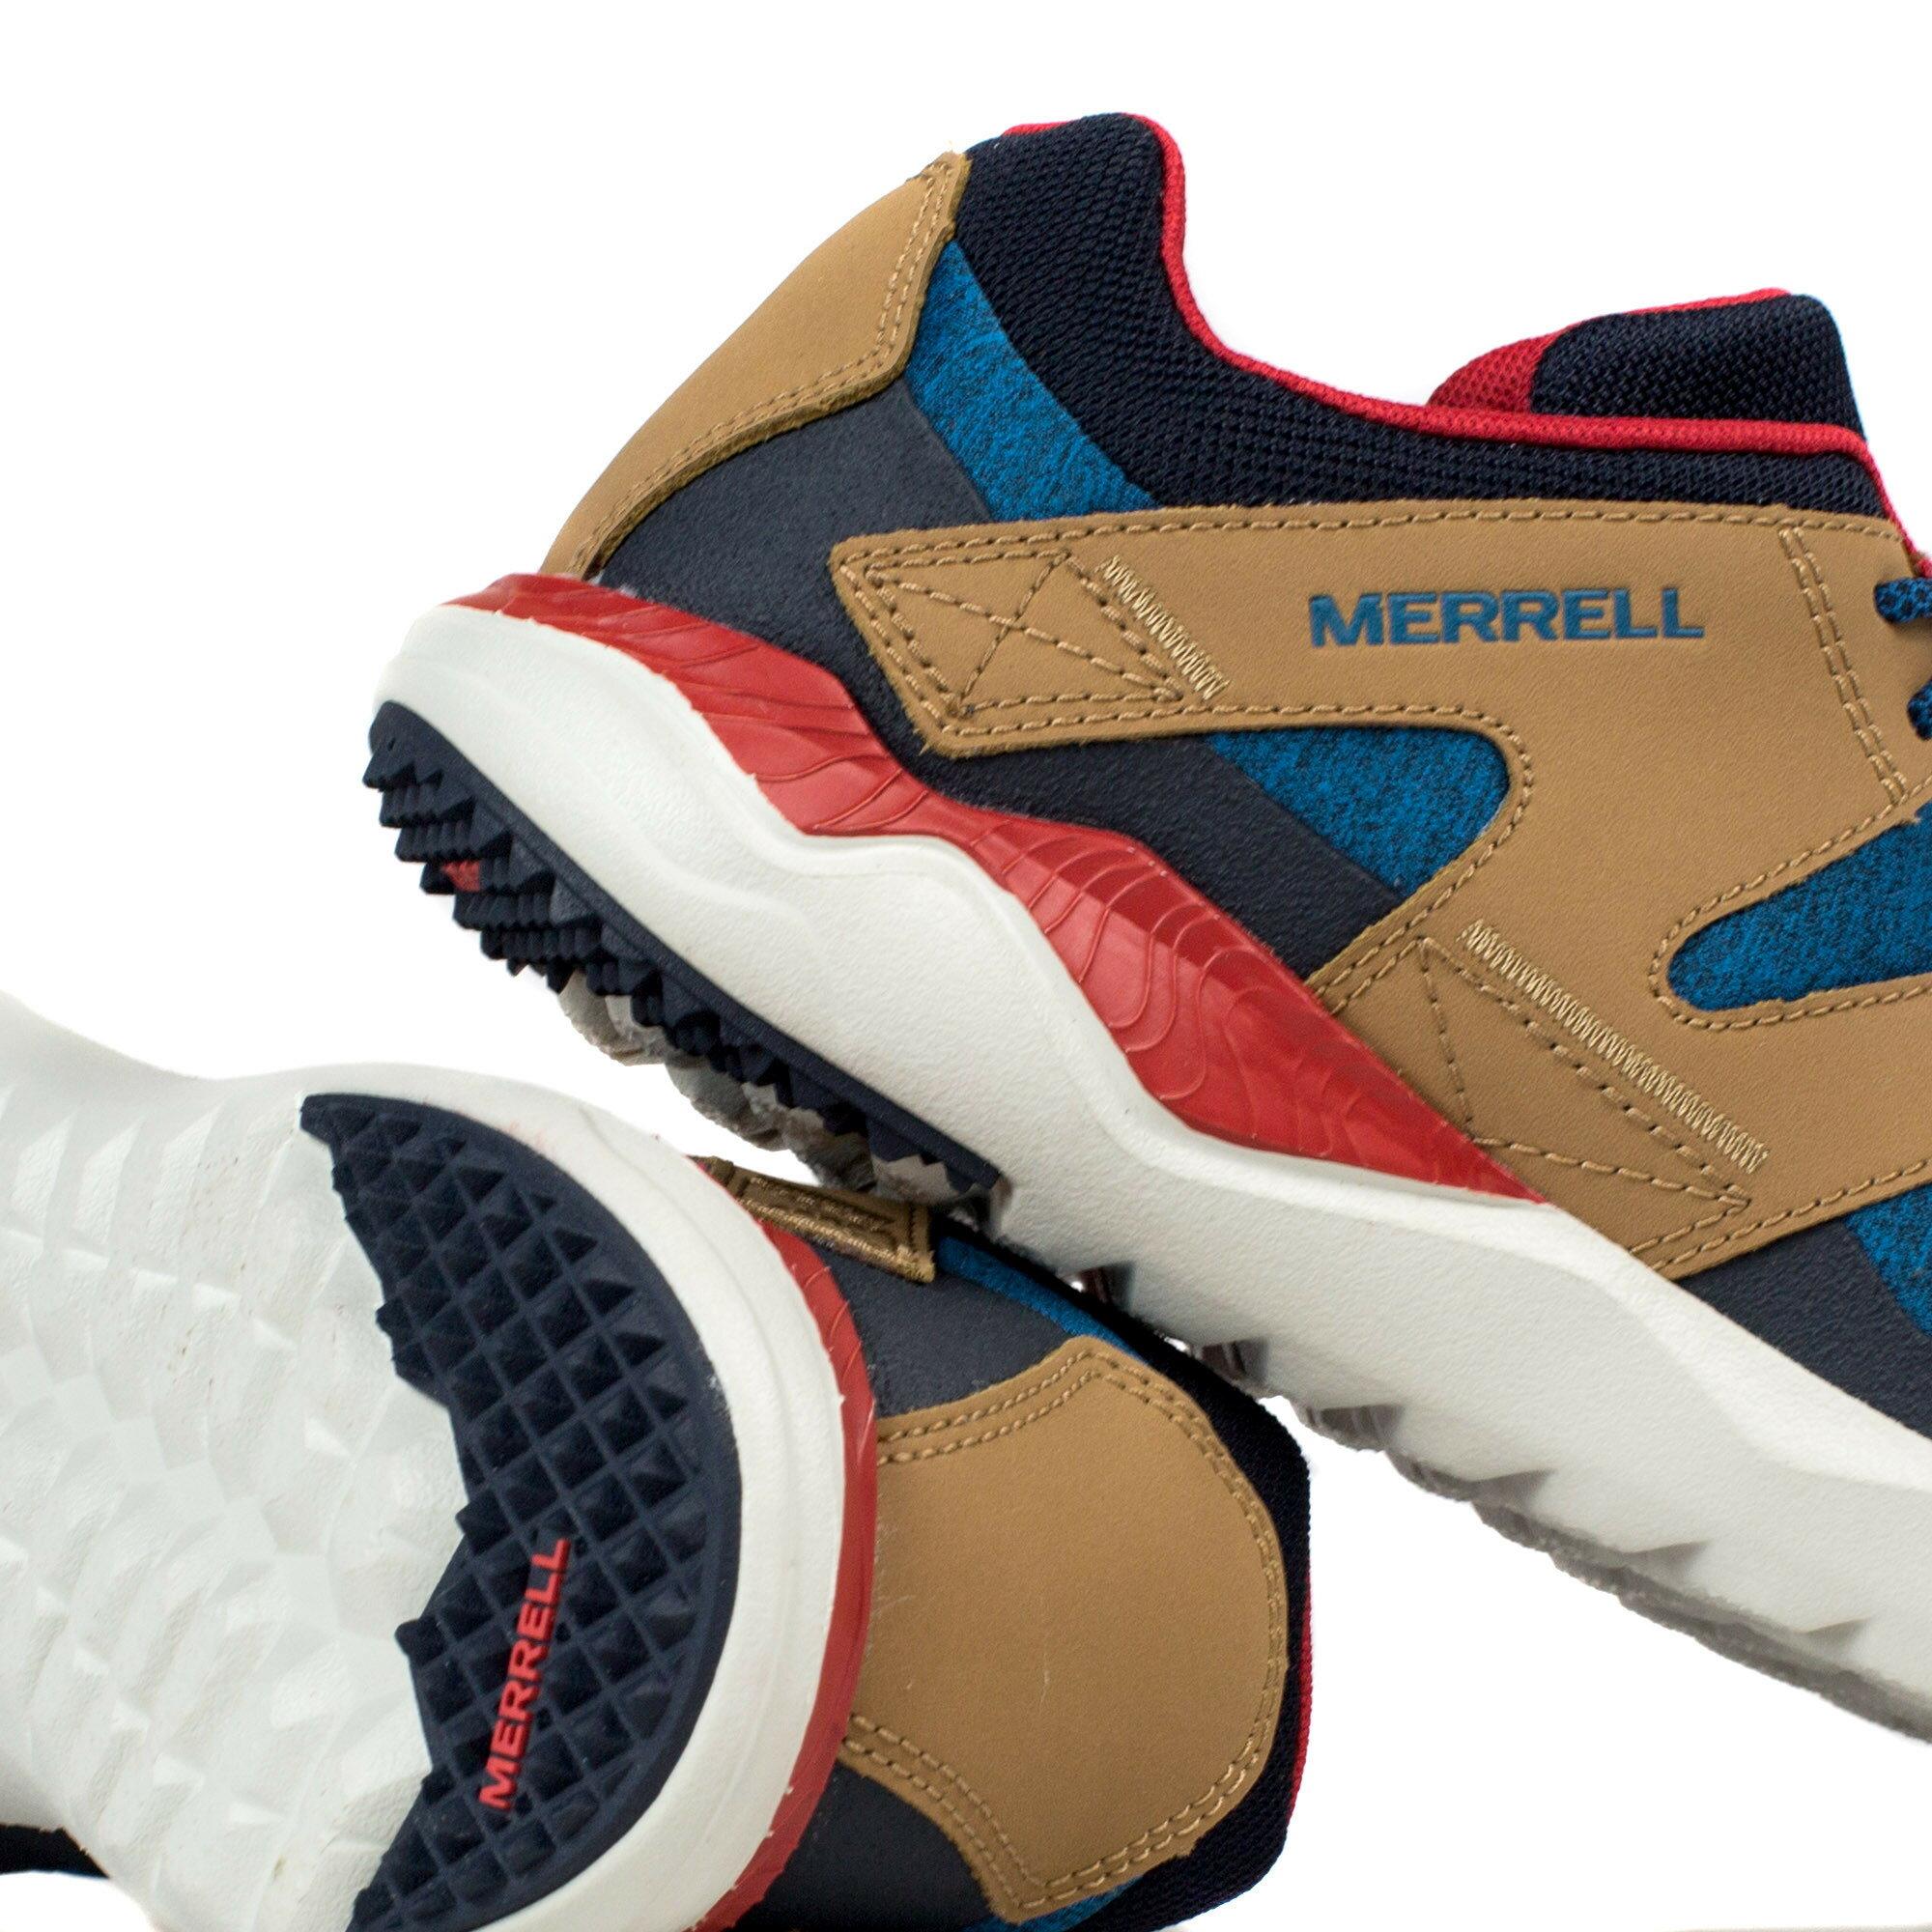 MERRELL 1SIX8 LACE 男 休閒鞋 藍咖啡 健行鞋│休閒鞋│運動鞋 5